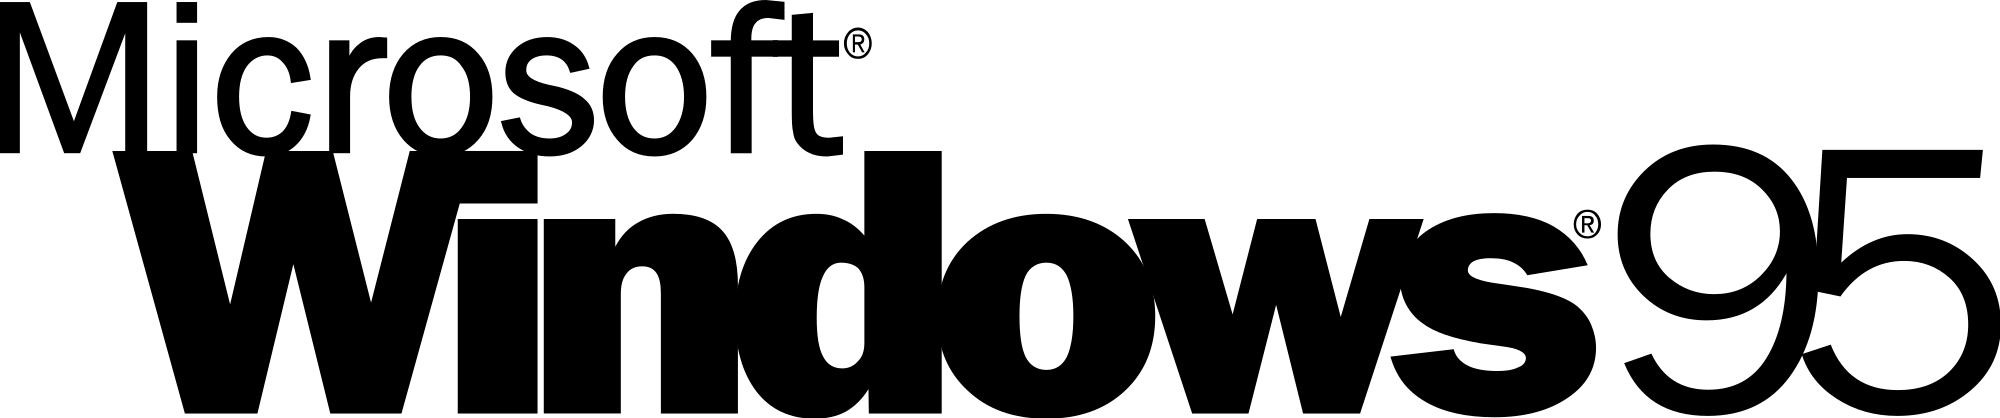 windows 95 logo png